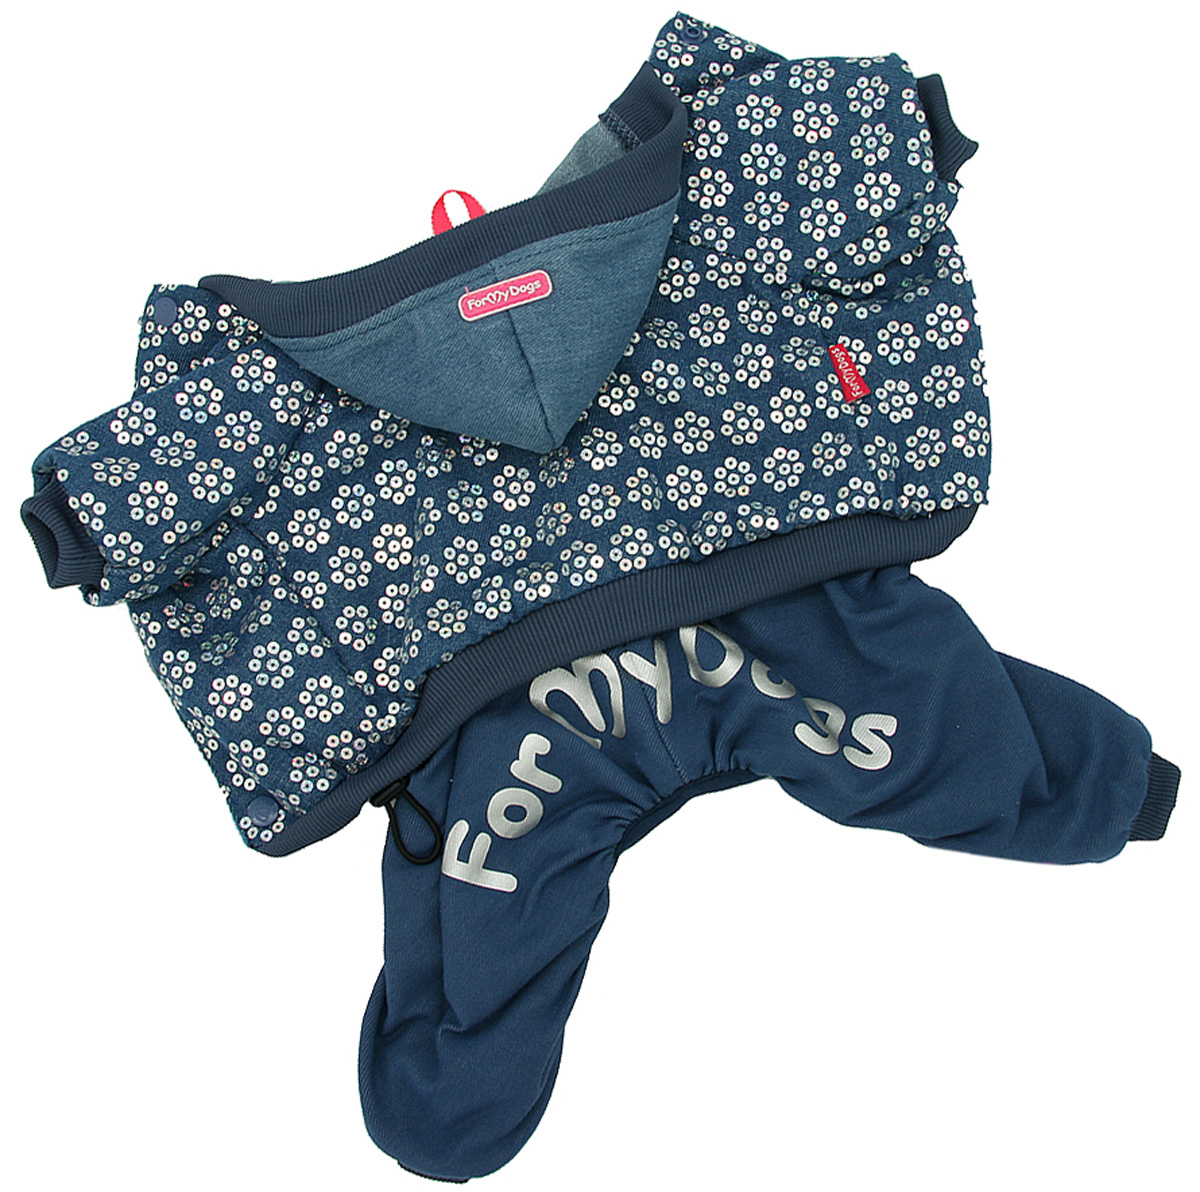 For My Dogs костюм для собак утепленный синий Fw910-2020 B (10Chh)